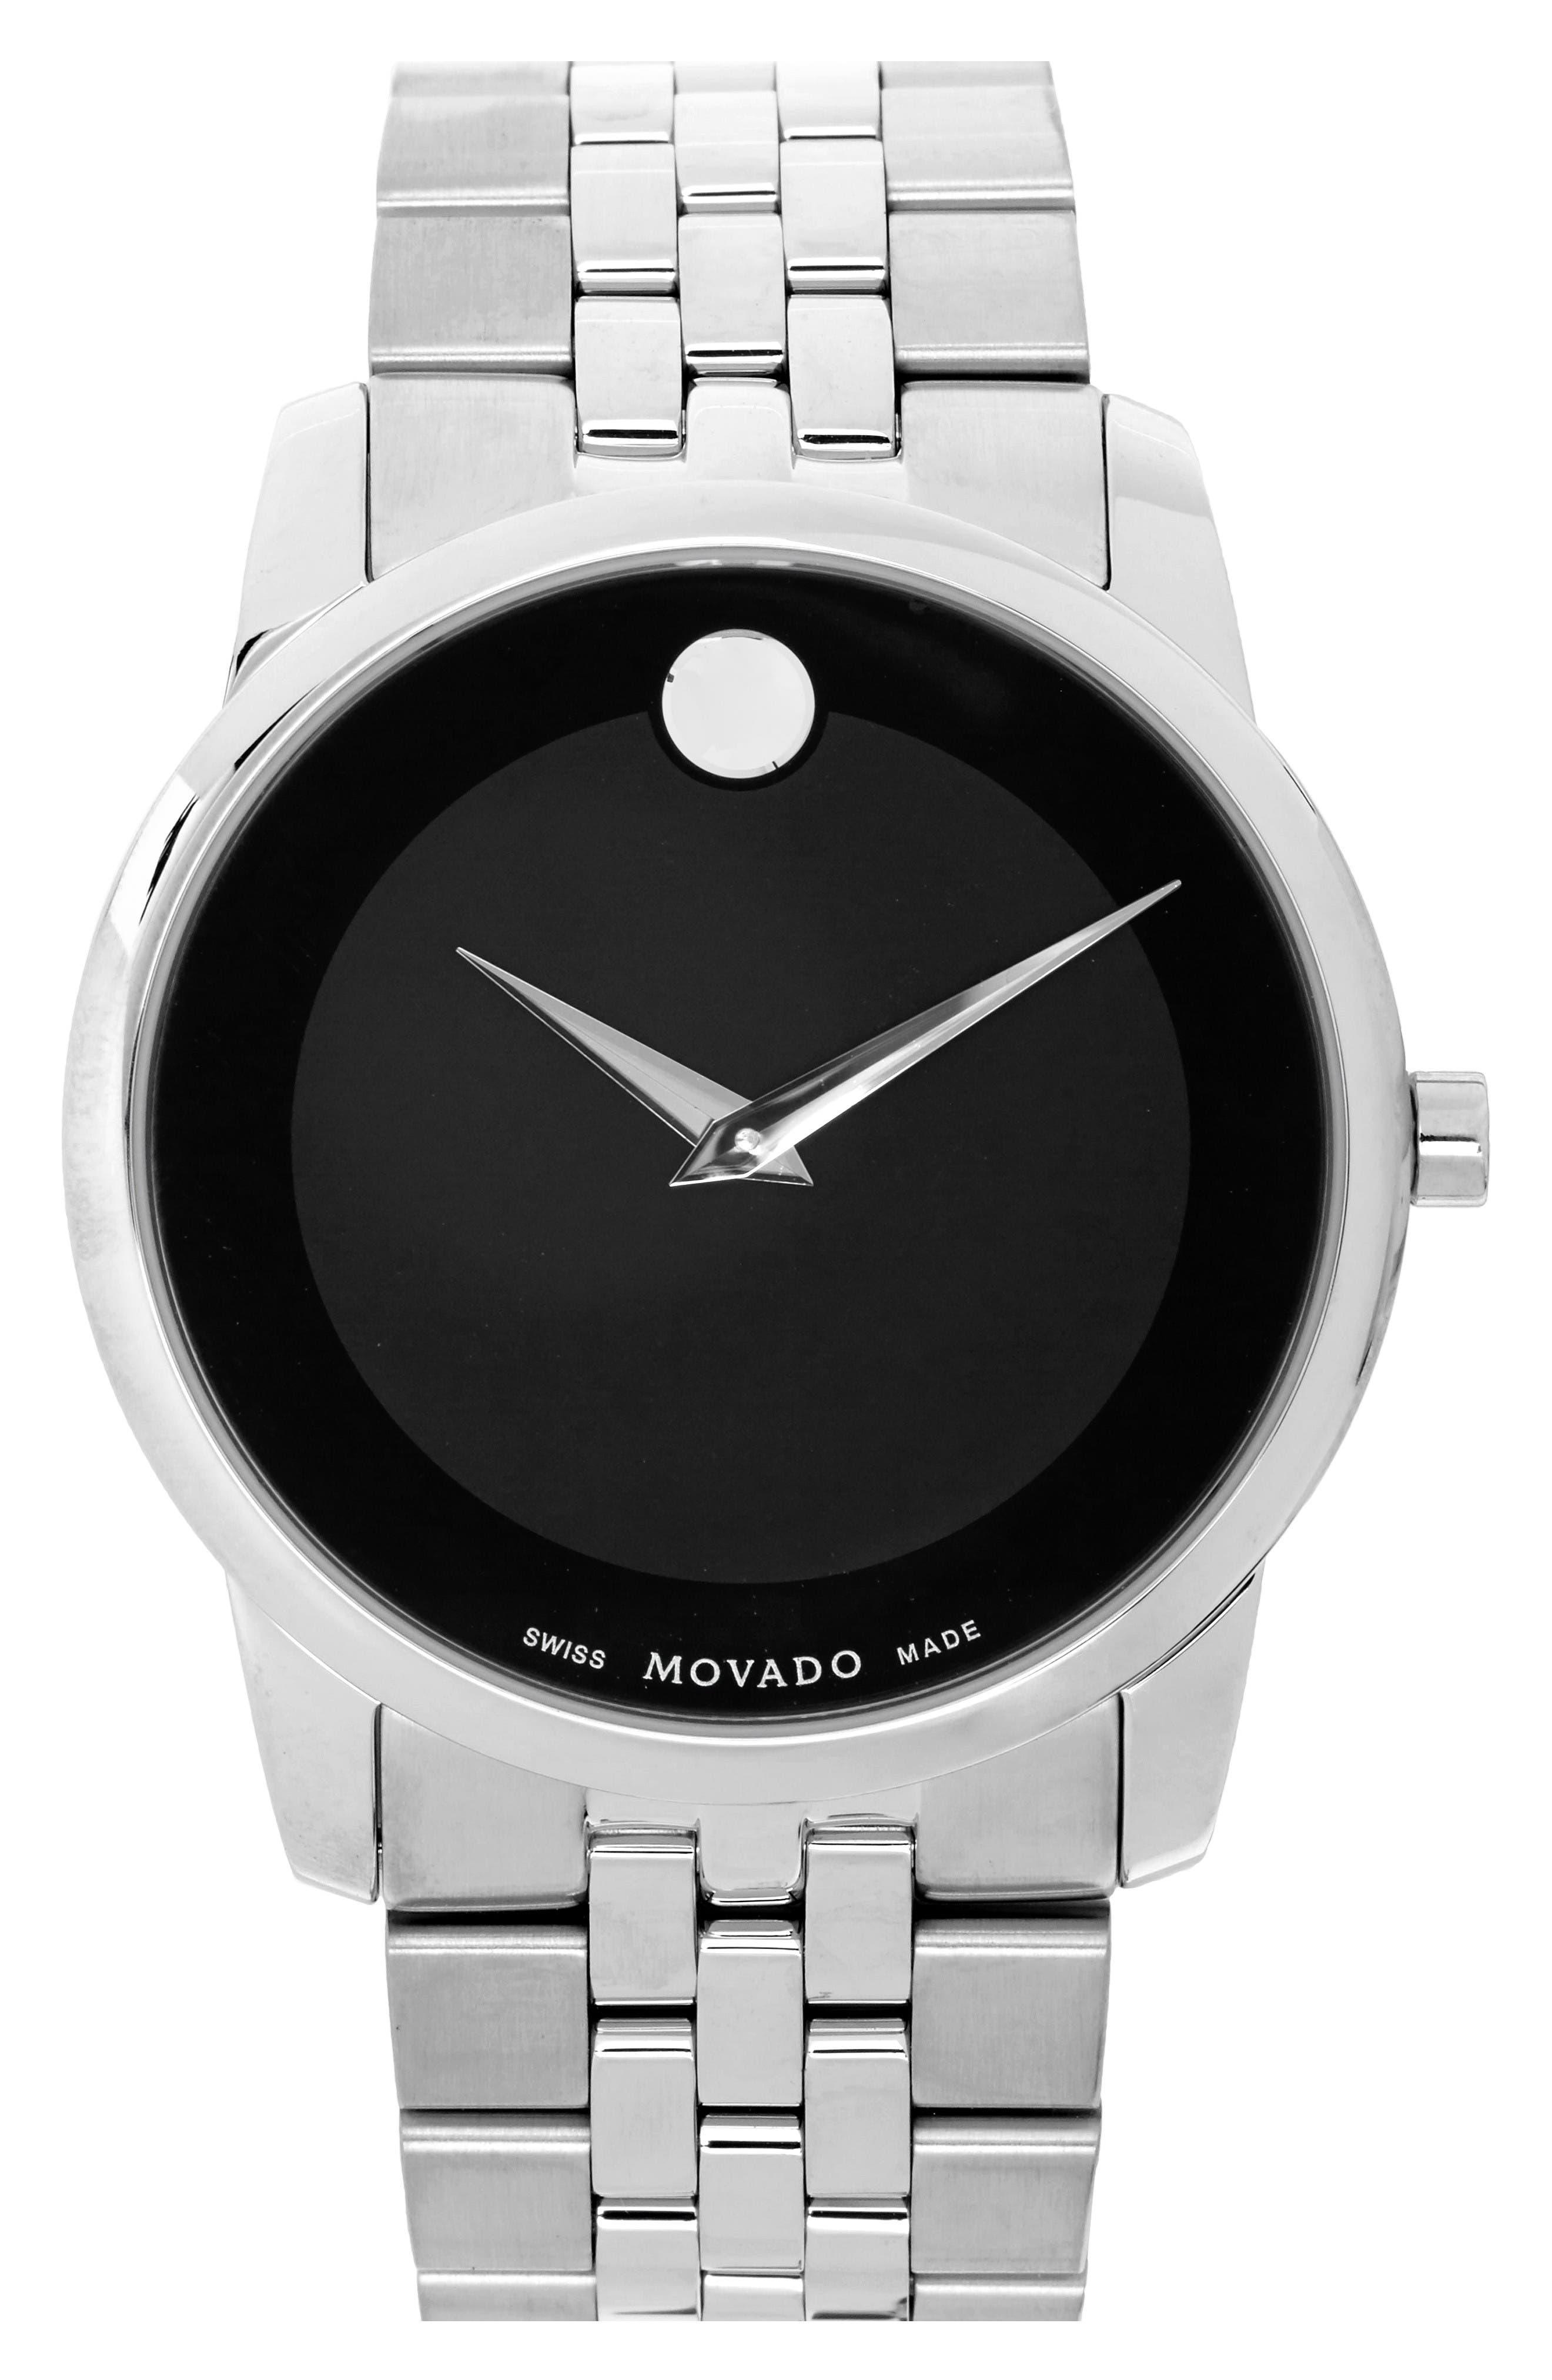 6a5cc9b10 Movado Watches